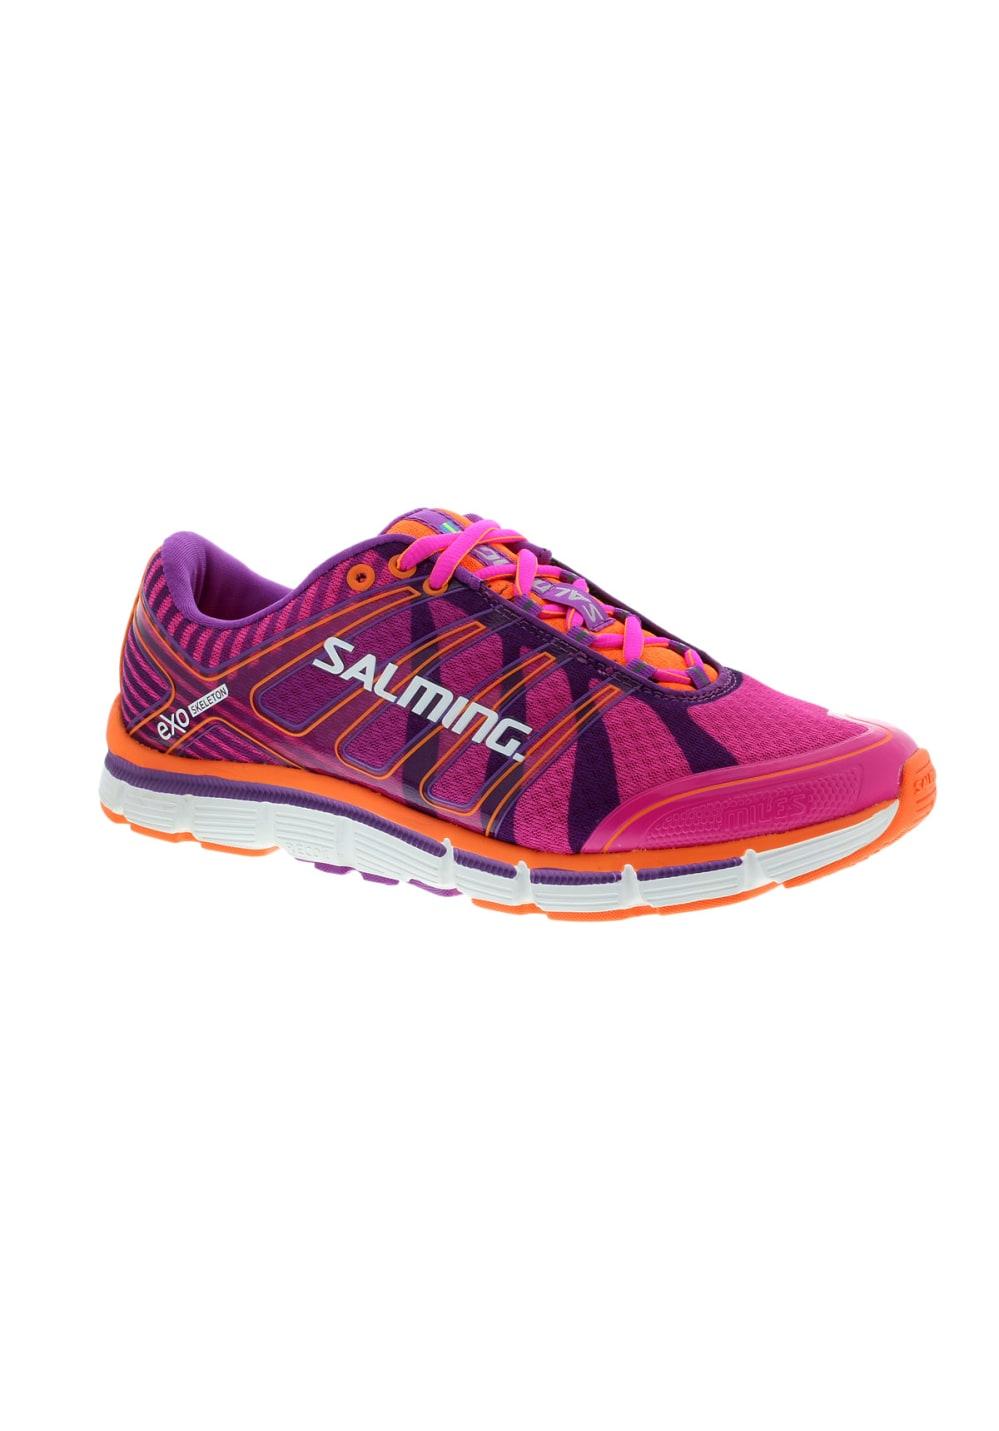 Salming Miles - Laufschuhe für Damen - Pink, Gr. 38 2/3